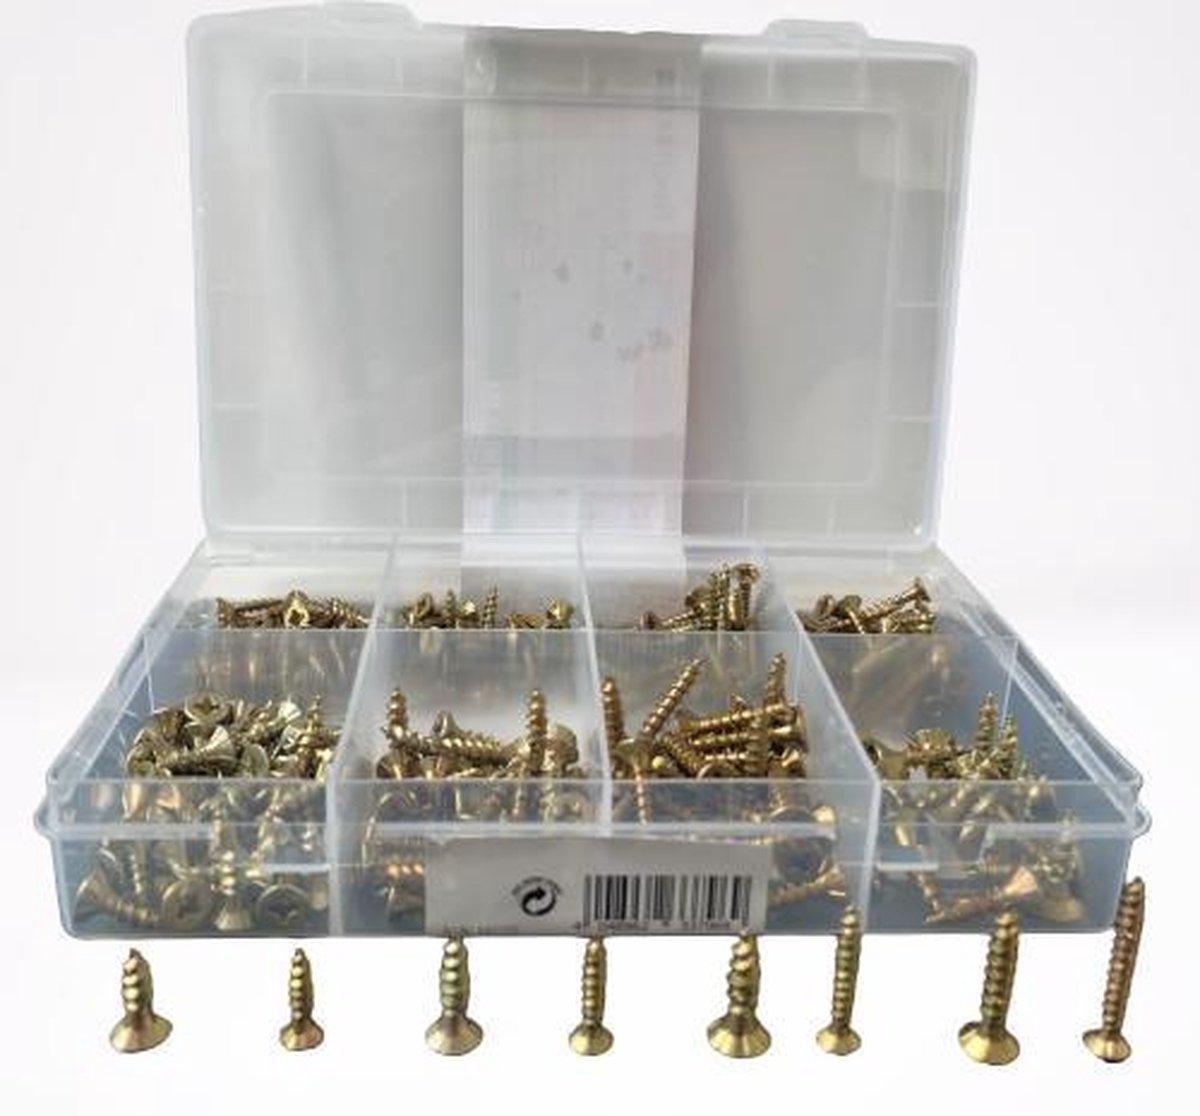 Schroeven - Hoog Kwaliteit Set van 270 stuks schroeven - Verschillende formaten - kruiskop - platte